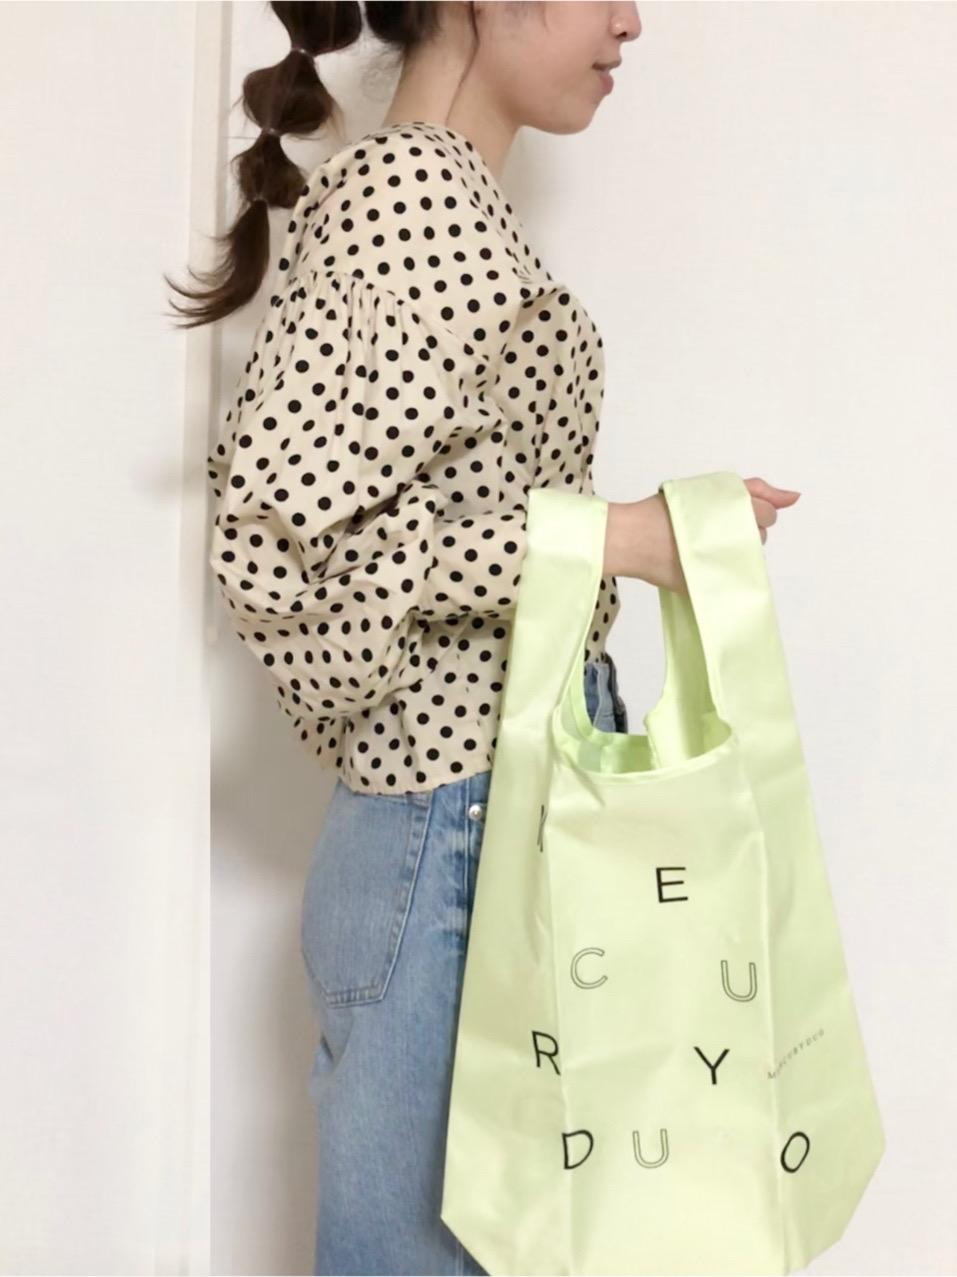 【MORE7月号】絶対買うべき!マーキュリーデュオのエコバッグが可愛い♡_2